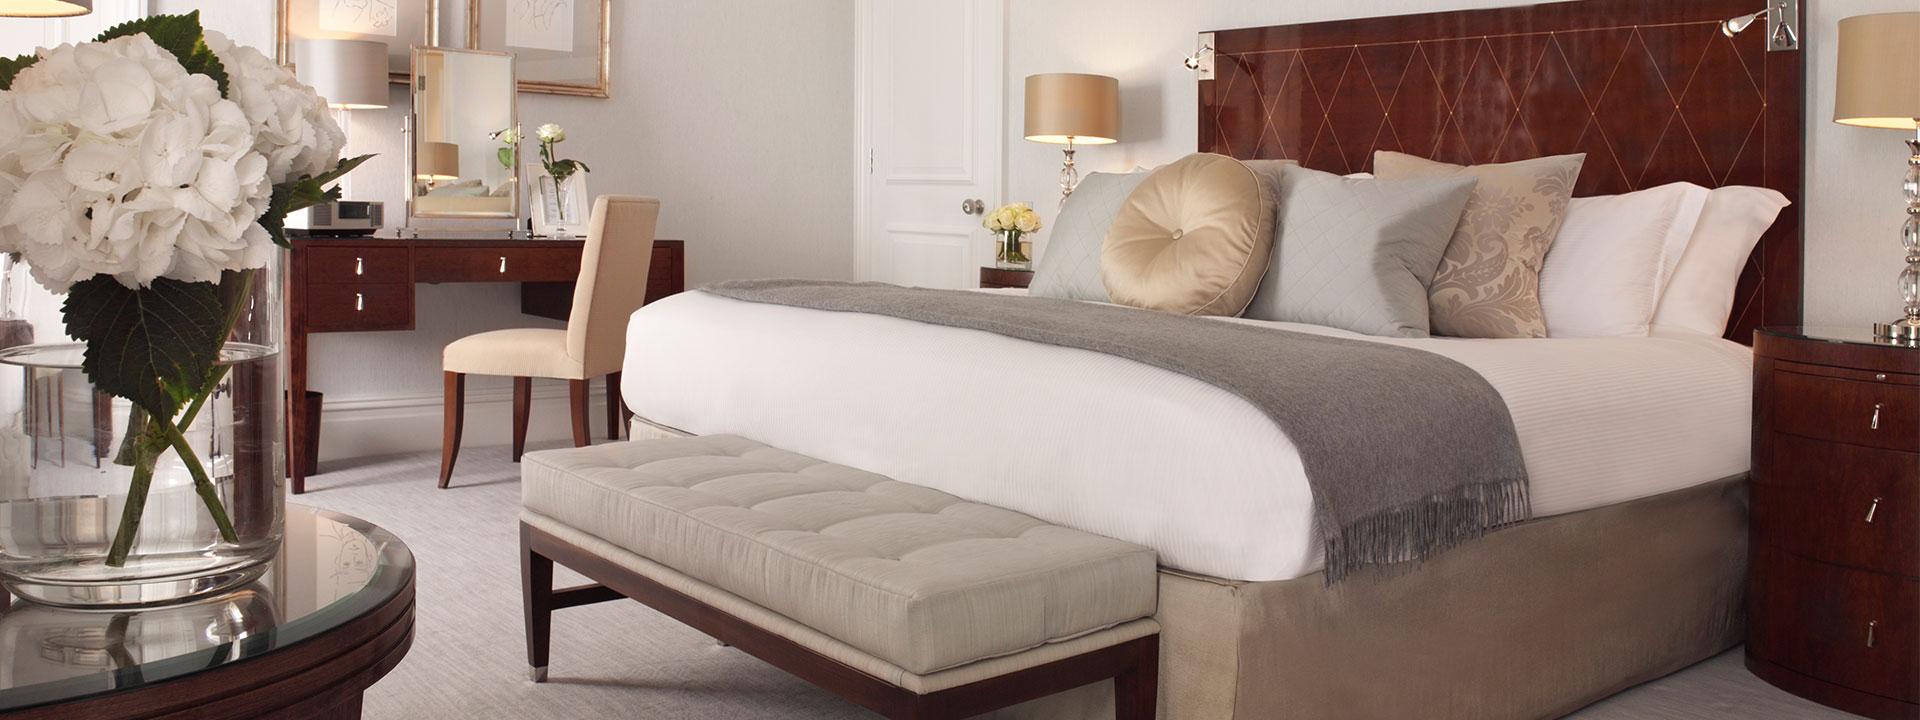 Berkeley Suite Bedroom